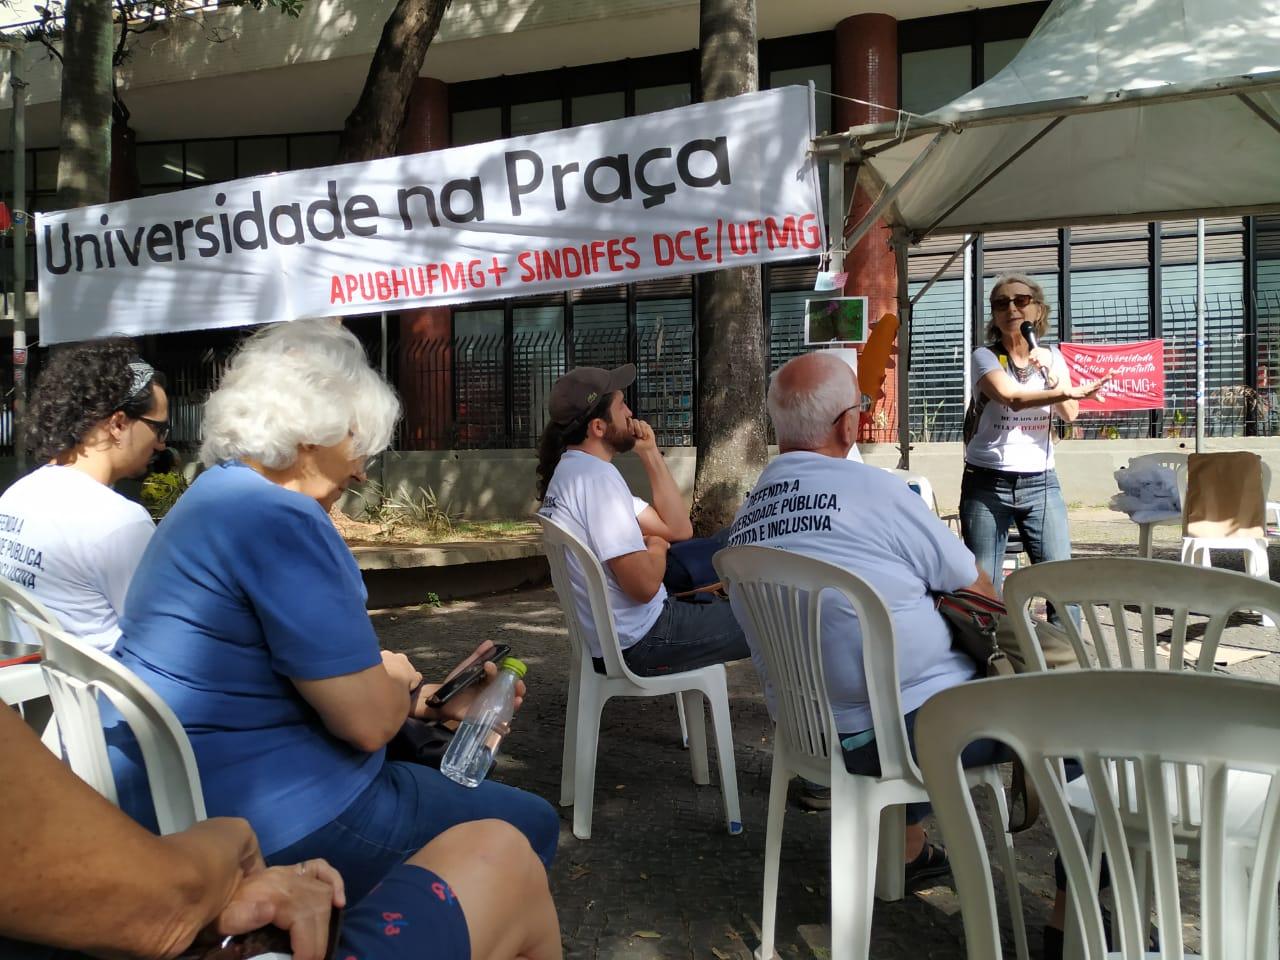 Universidade Na Praça: divulgação científica cara-a-cara